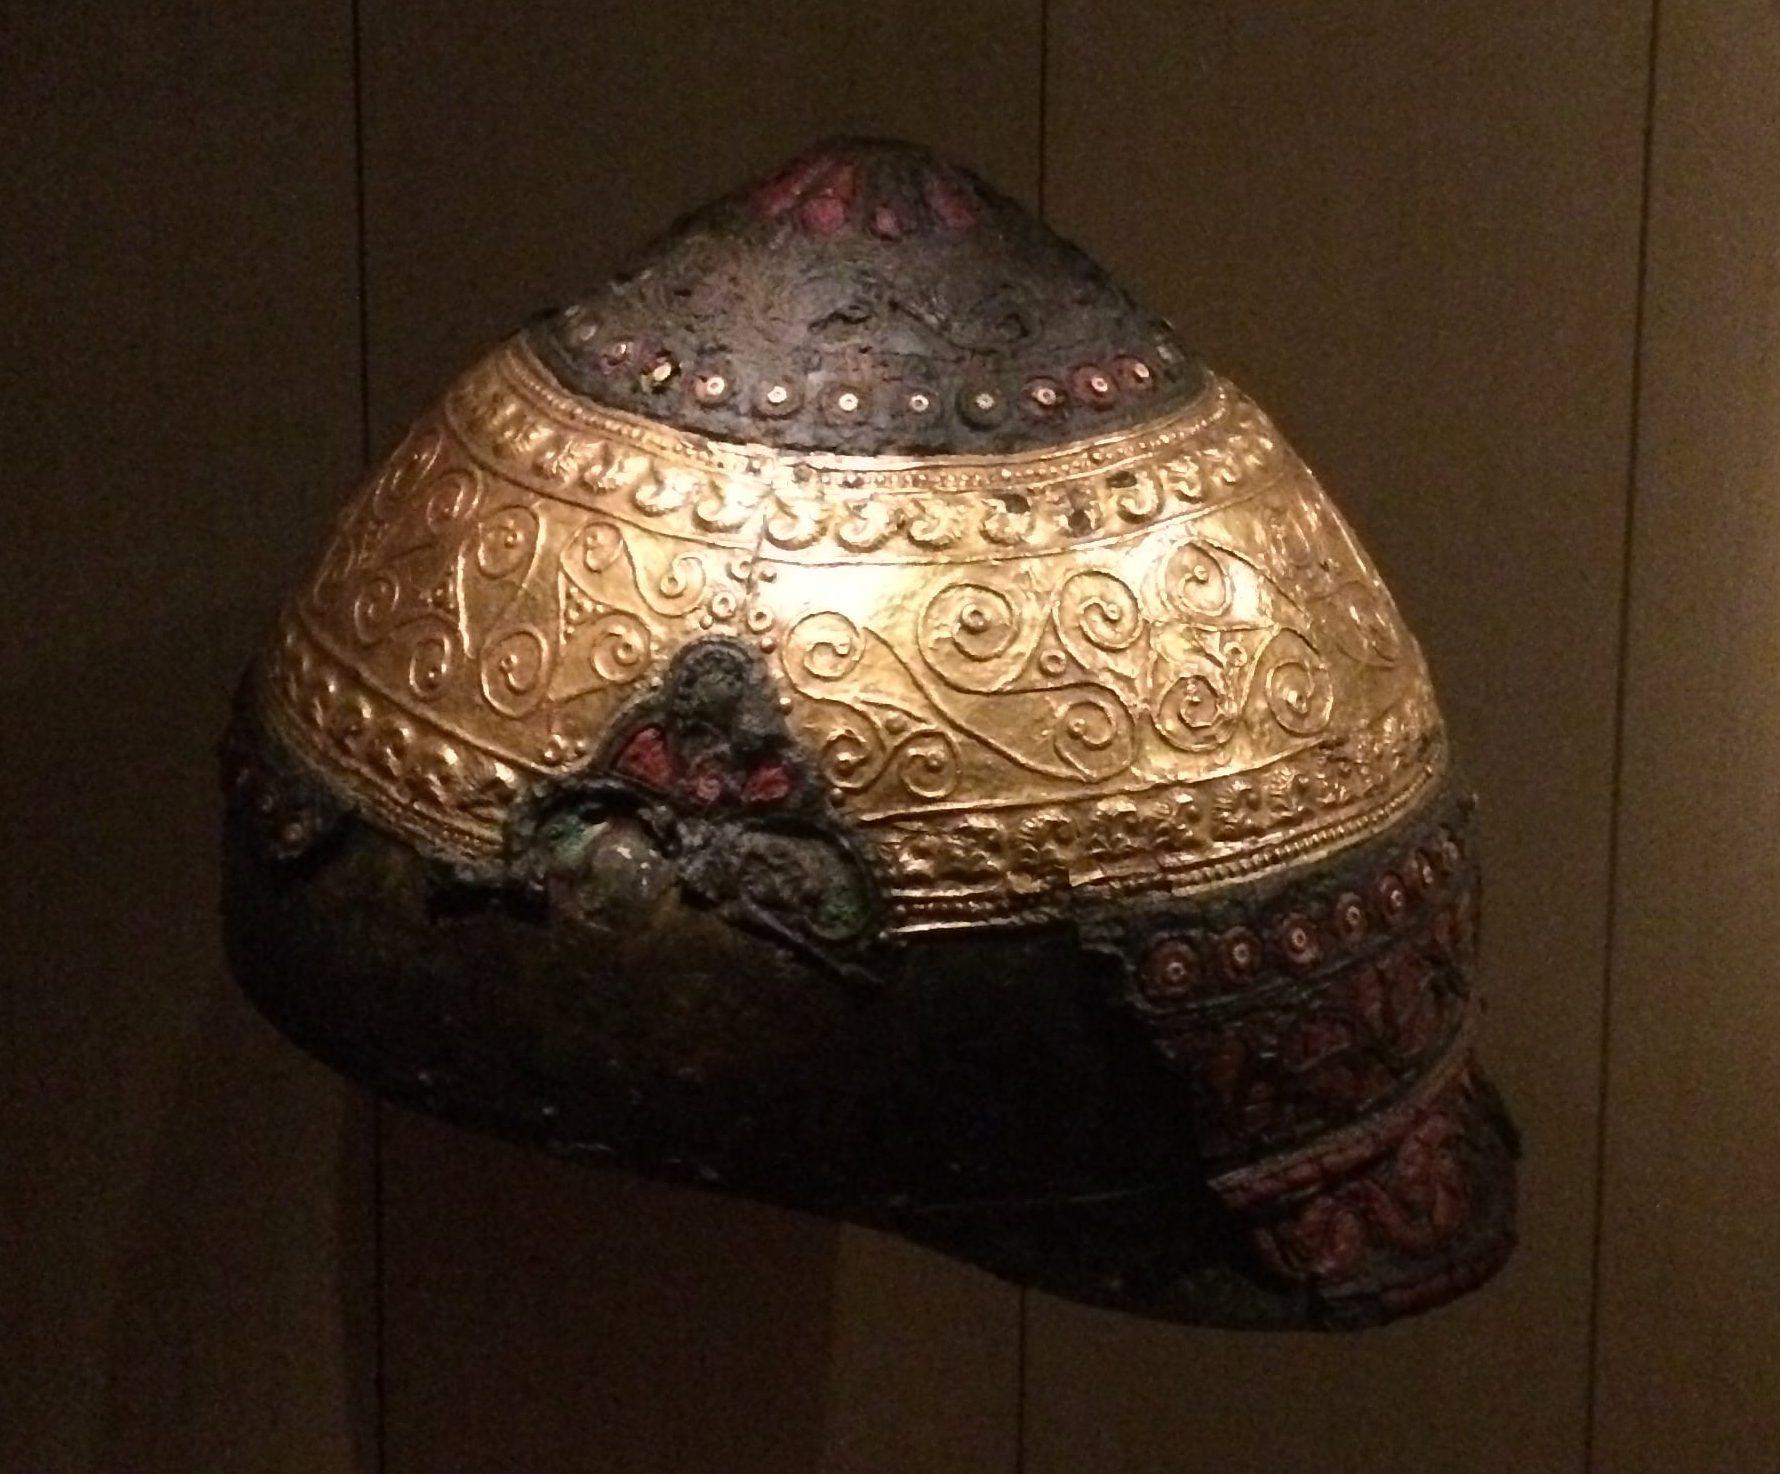 Casque Amfreville - musée archéologie nationale - Saint-Germain-en-Laye